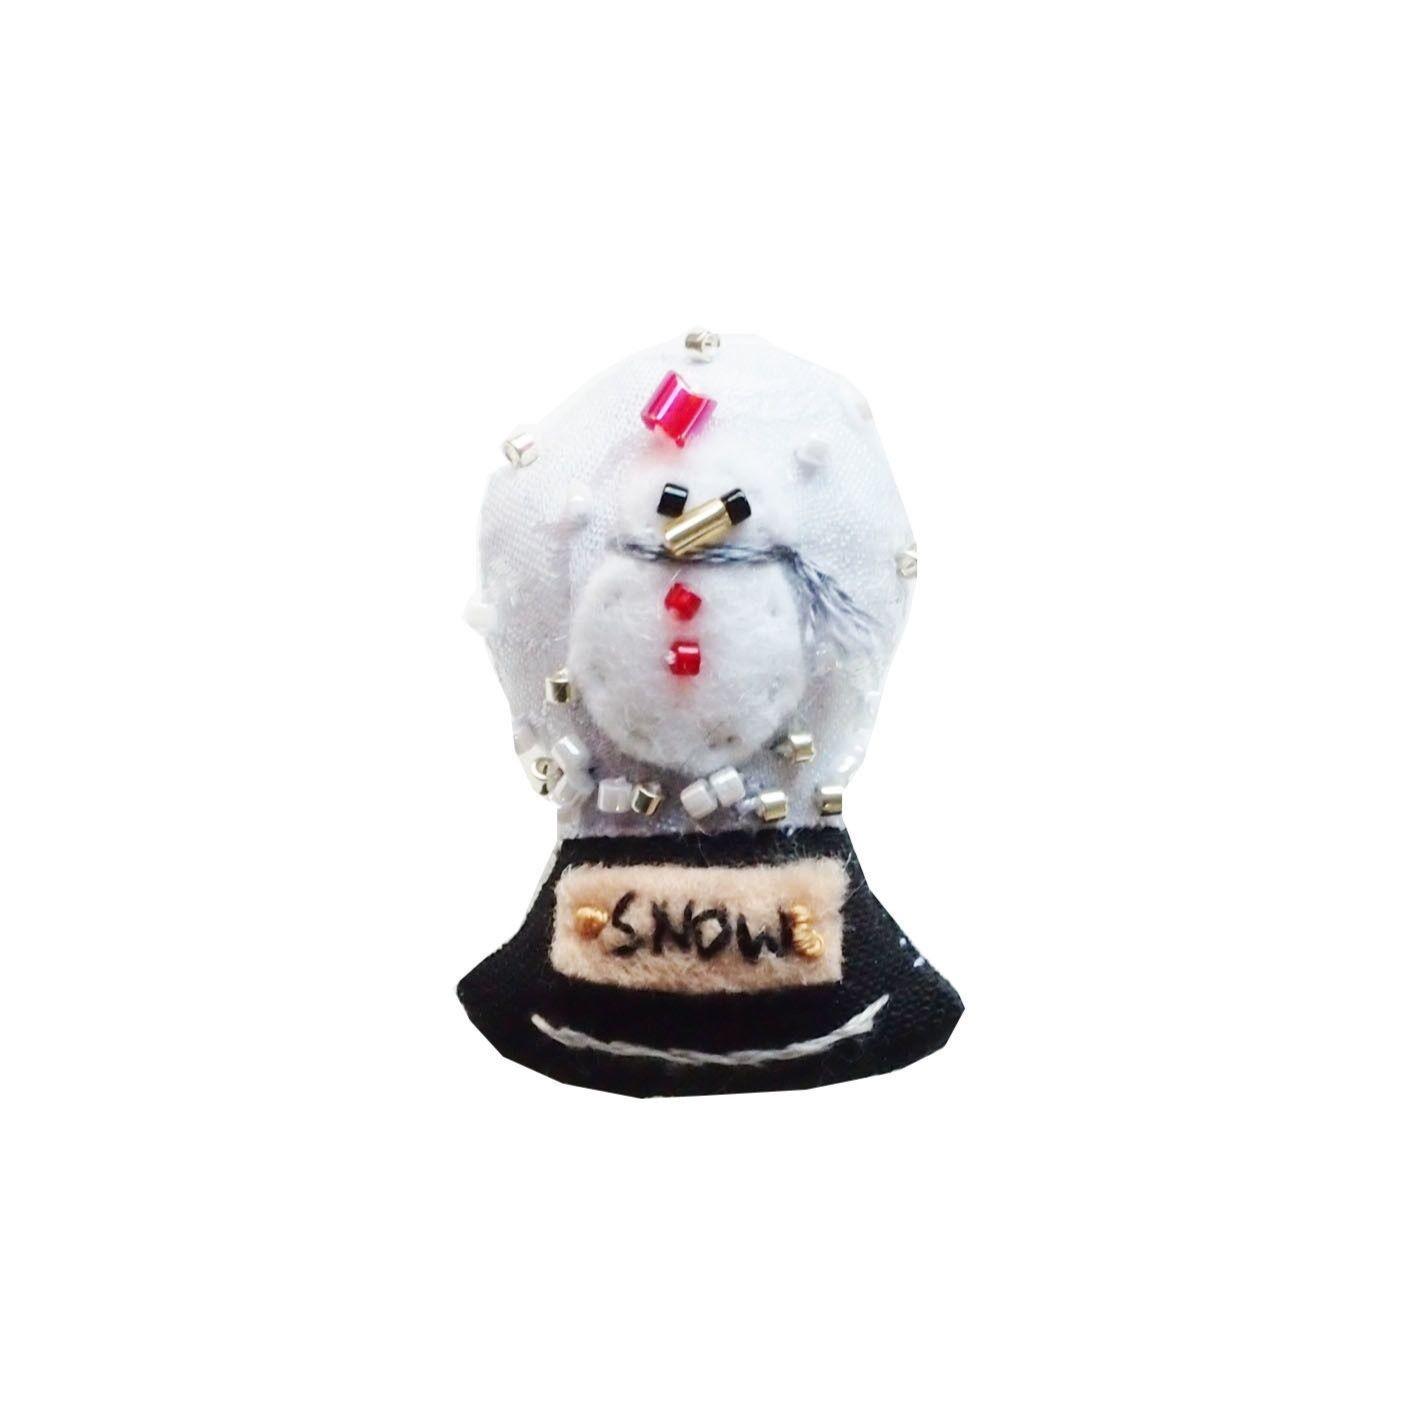 Miniature Snow Globe Brooch